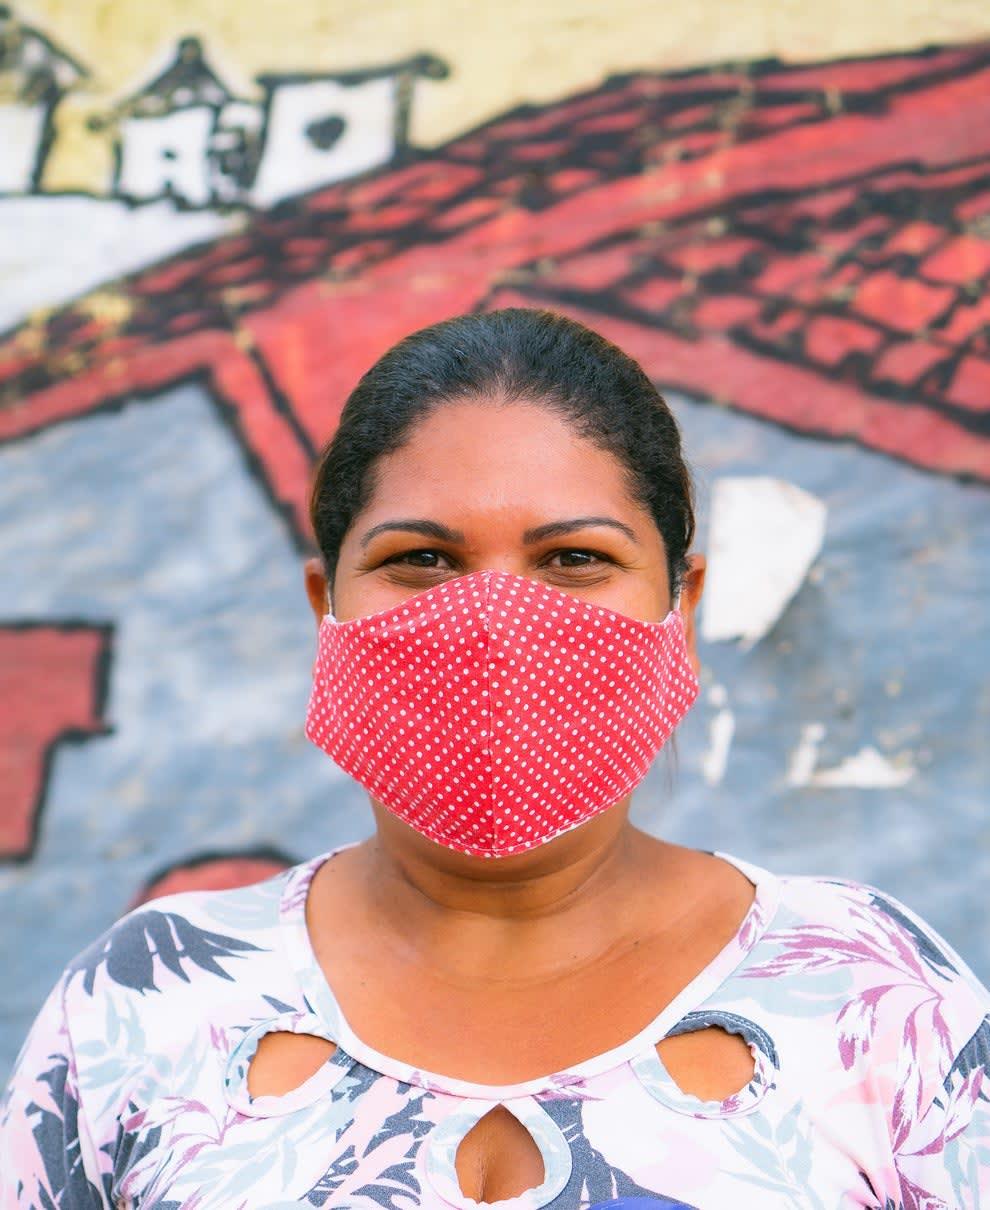 Jane, moradora da ocupação, usando uma máscara vermelha.